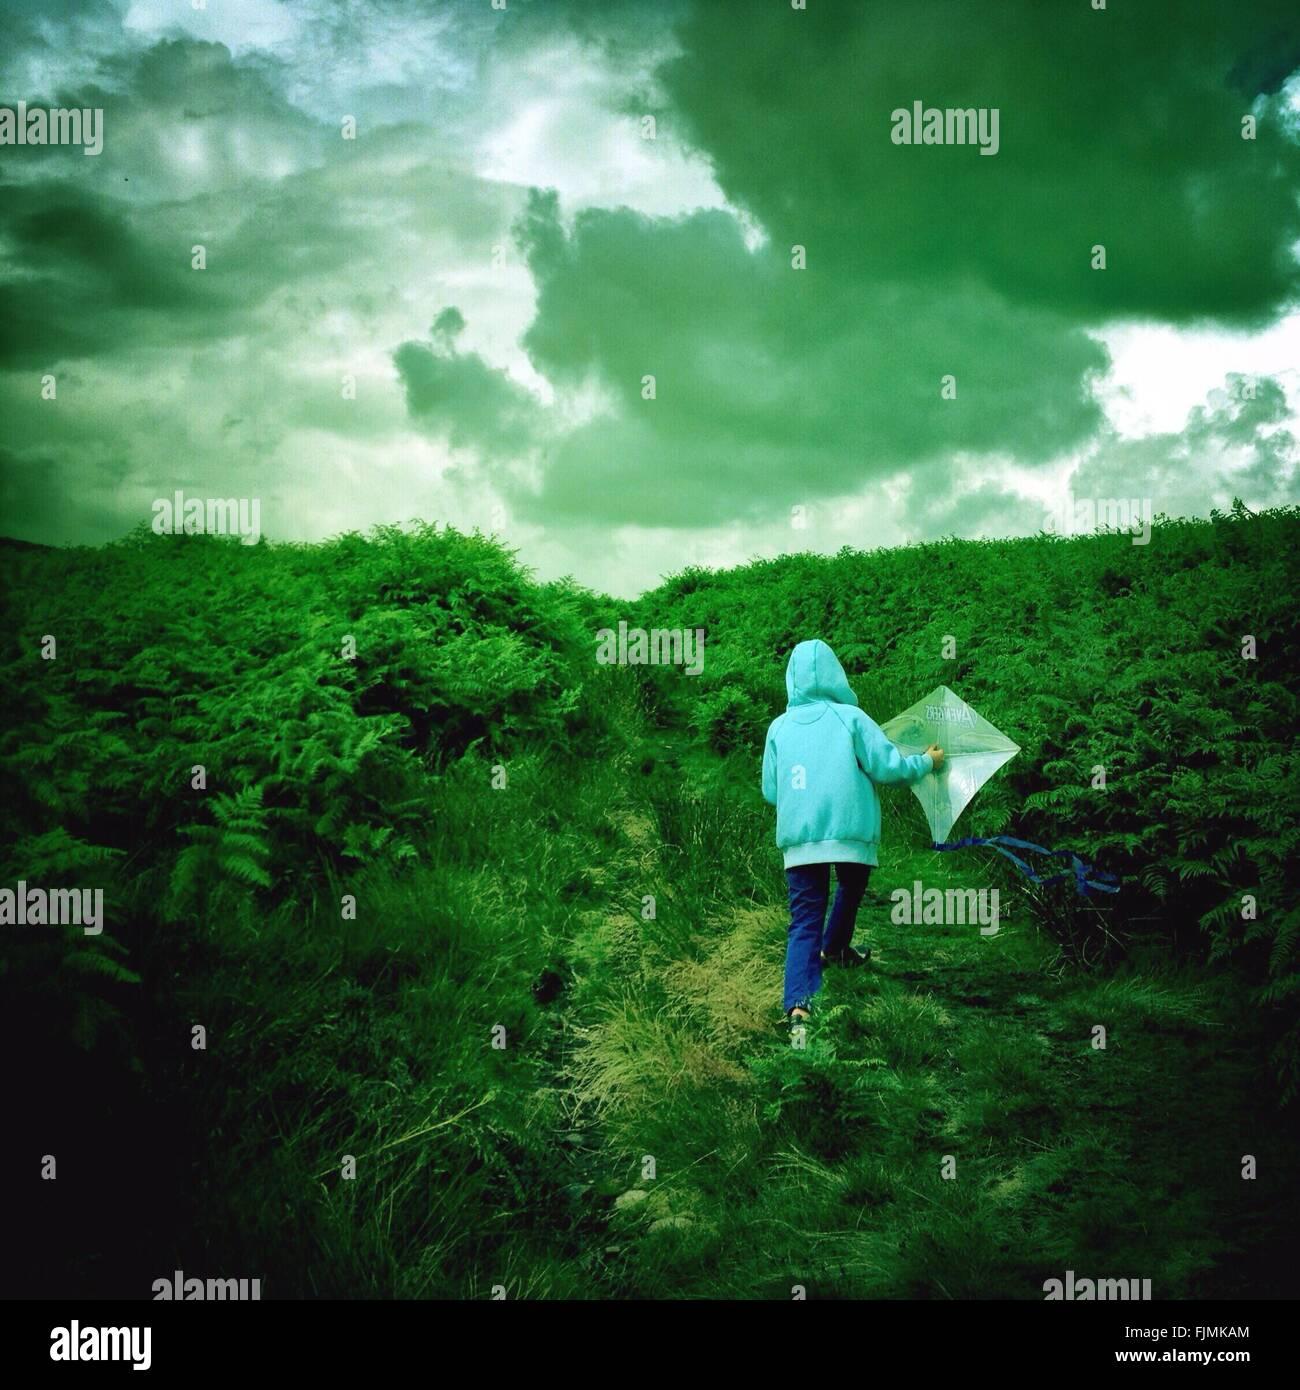 Vista trasera del muchacho en el capó con Kite caminando sobre el paisaje verde contra el cielo nublado Imagen De Stock